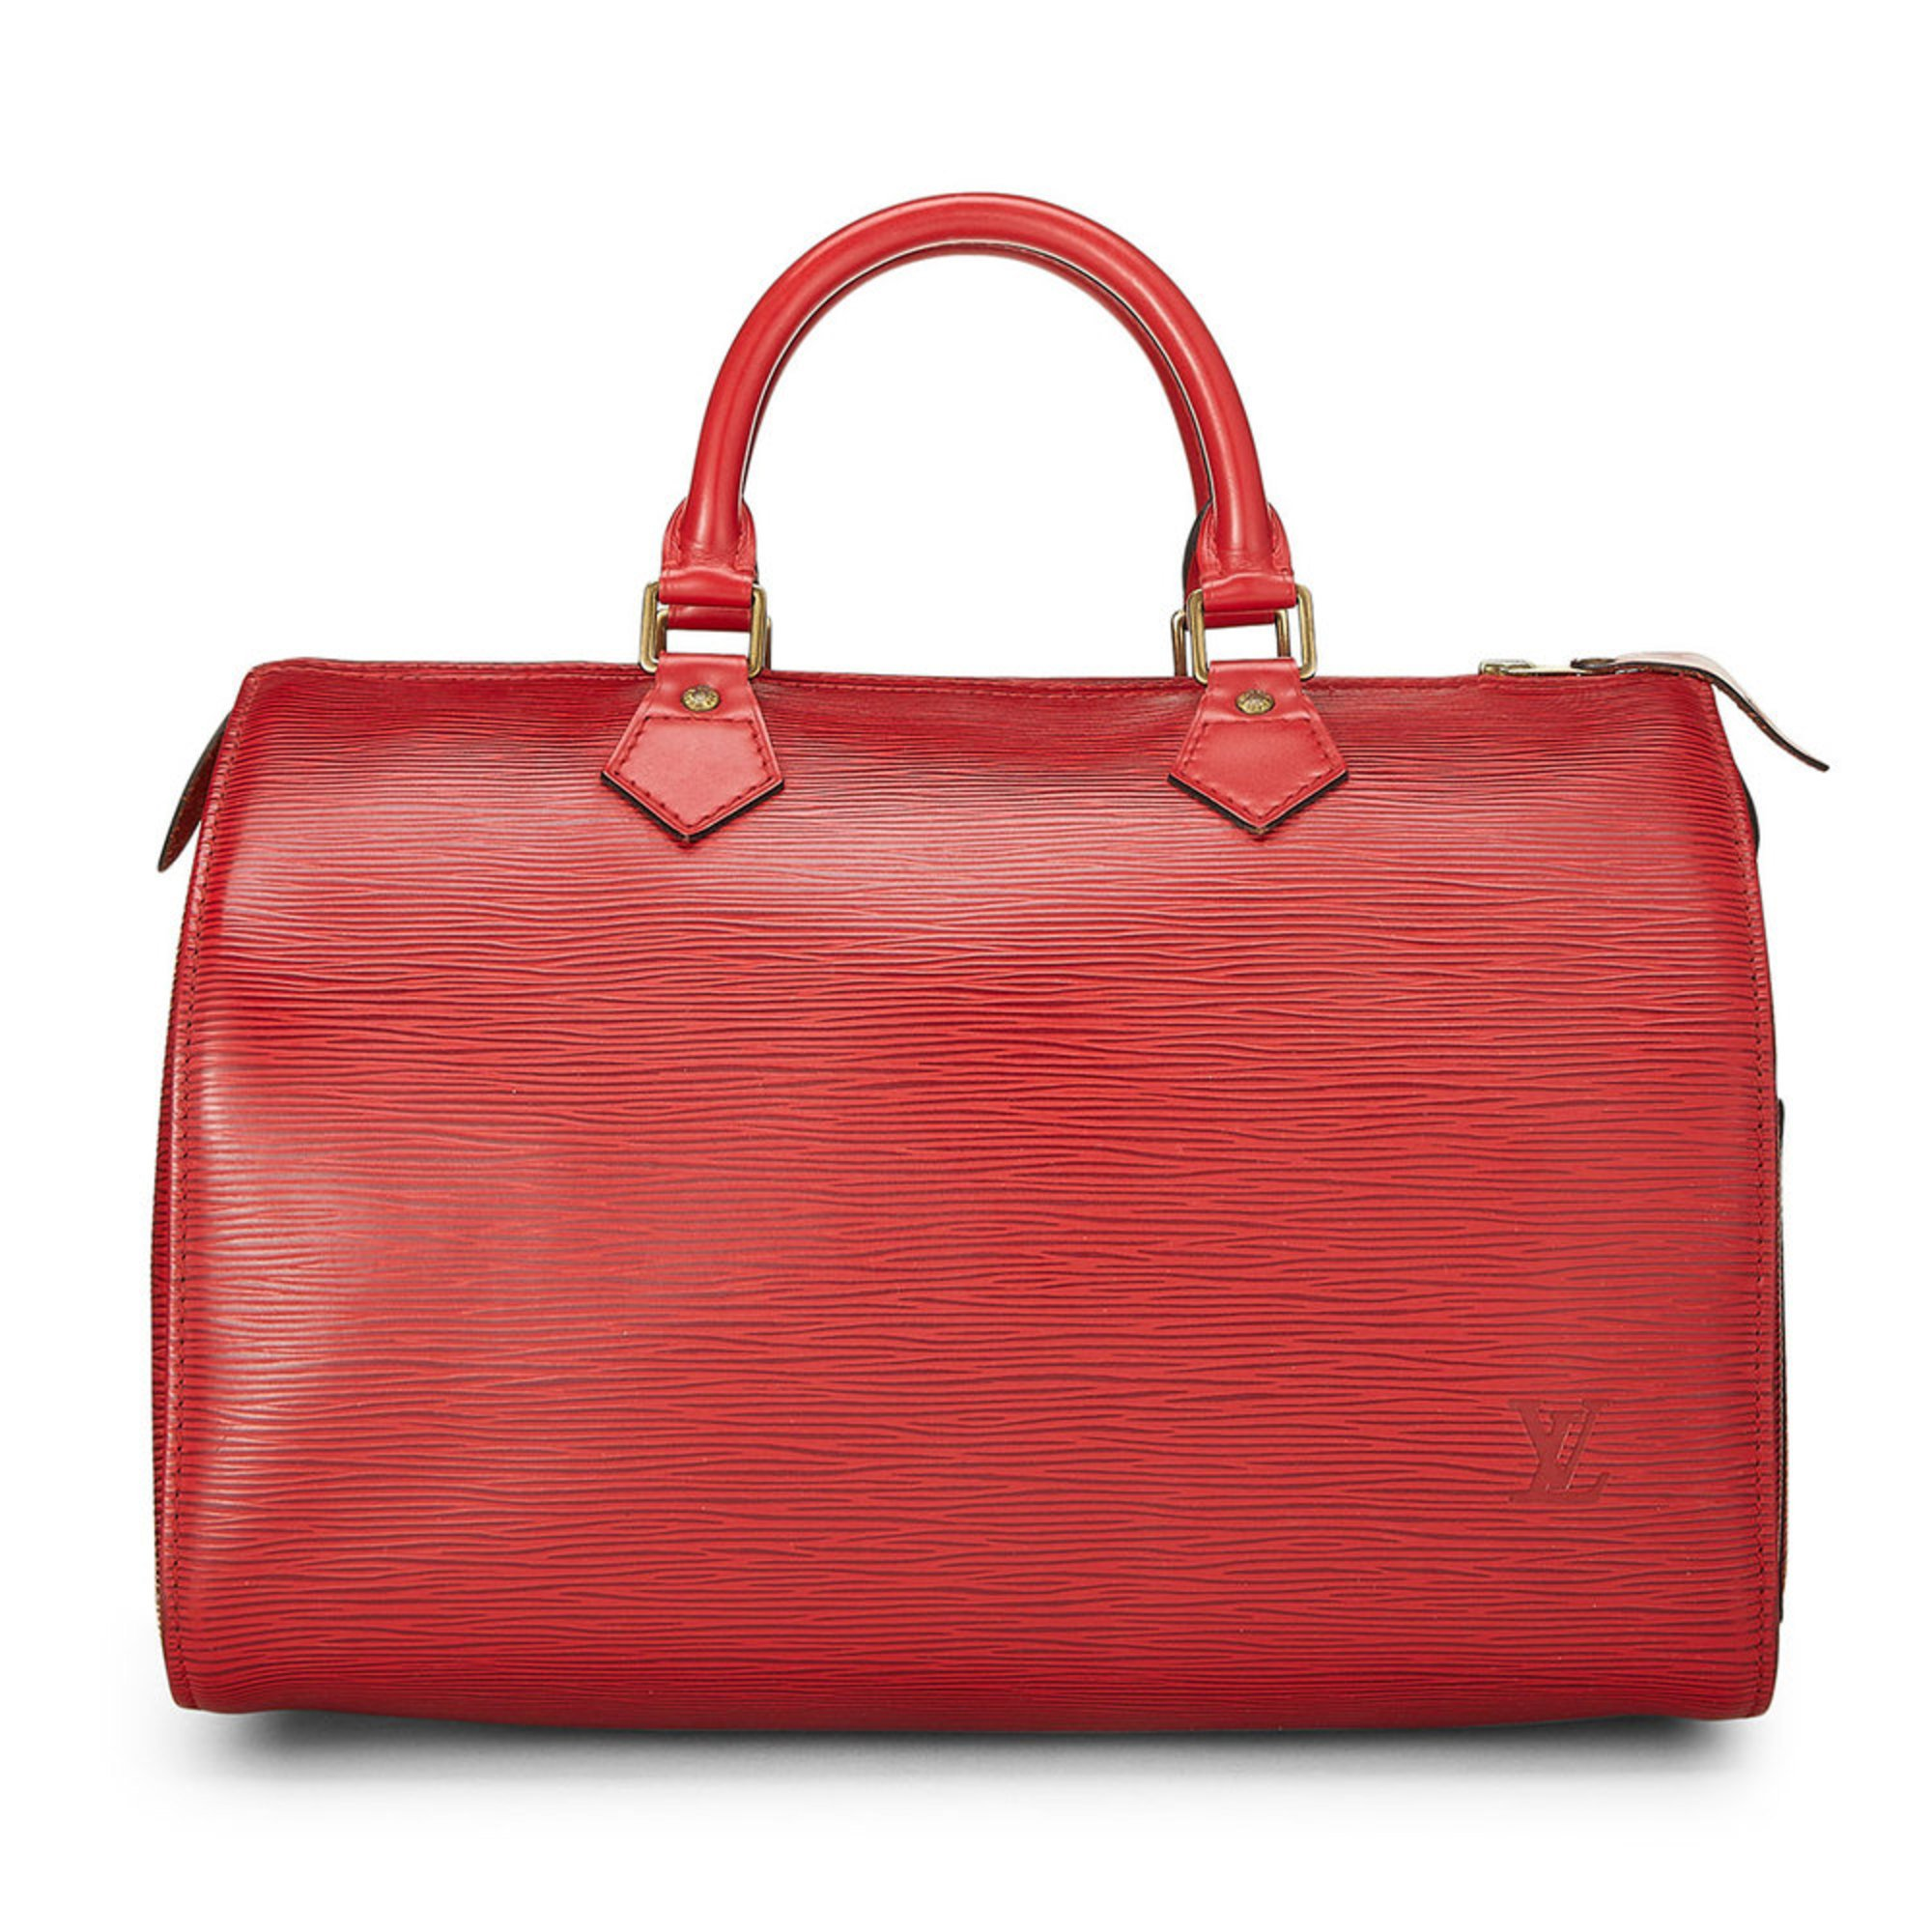 7bce3c8ff19 Louis Vuitton Red Epi Speedy 30